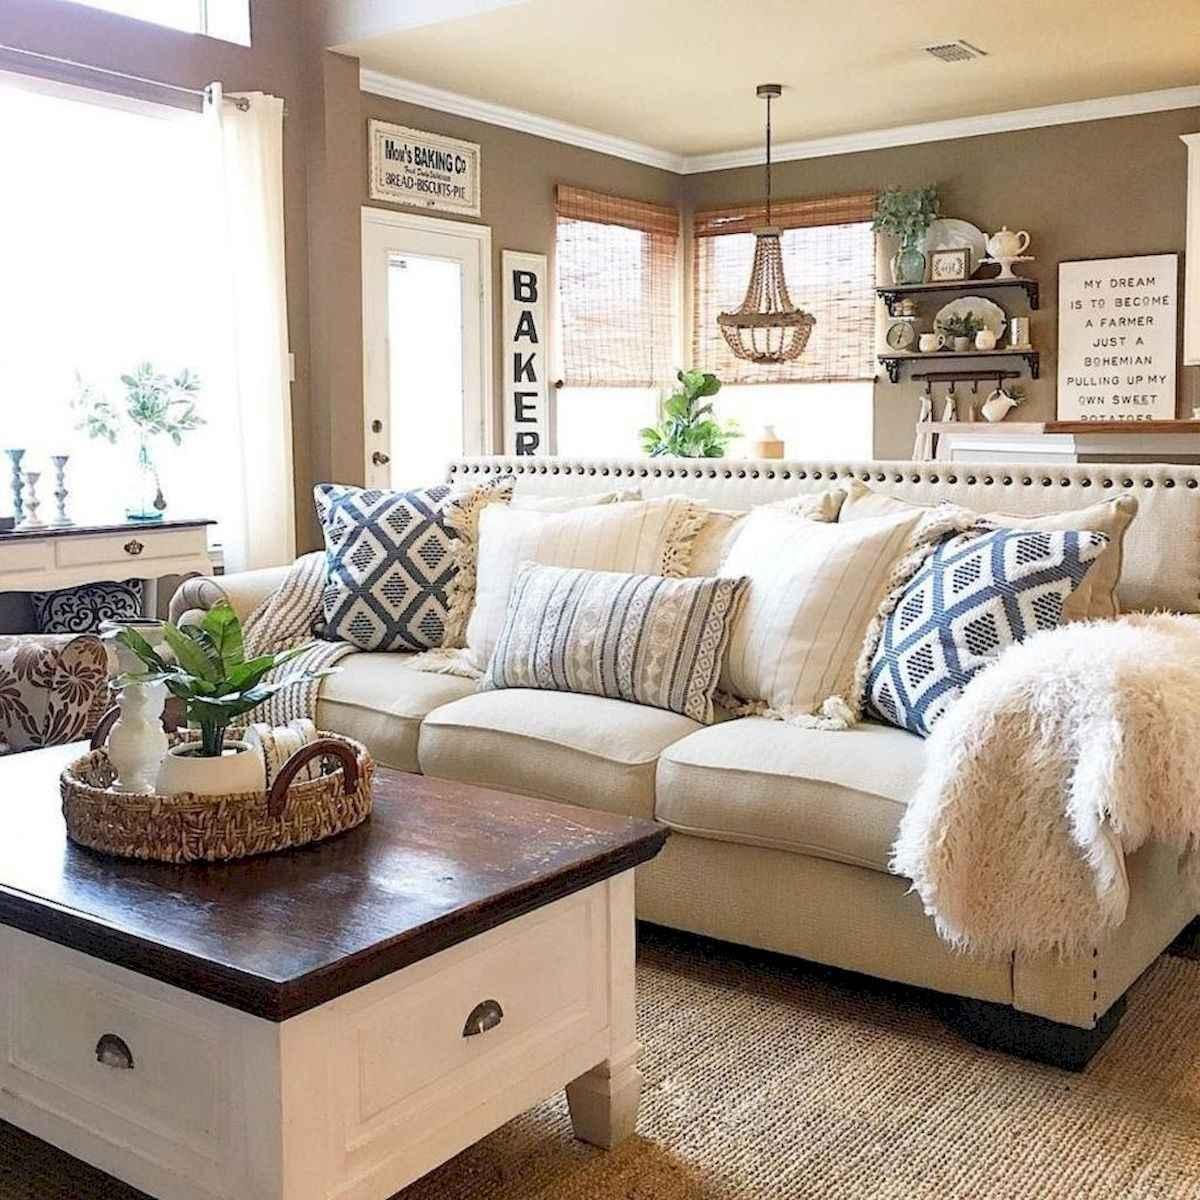 60 Stunning Farmhouse Home Decor Ideas On A Budget (24)